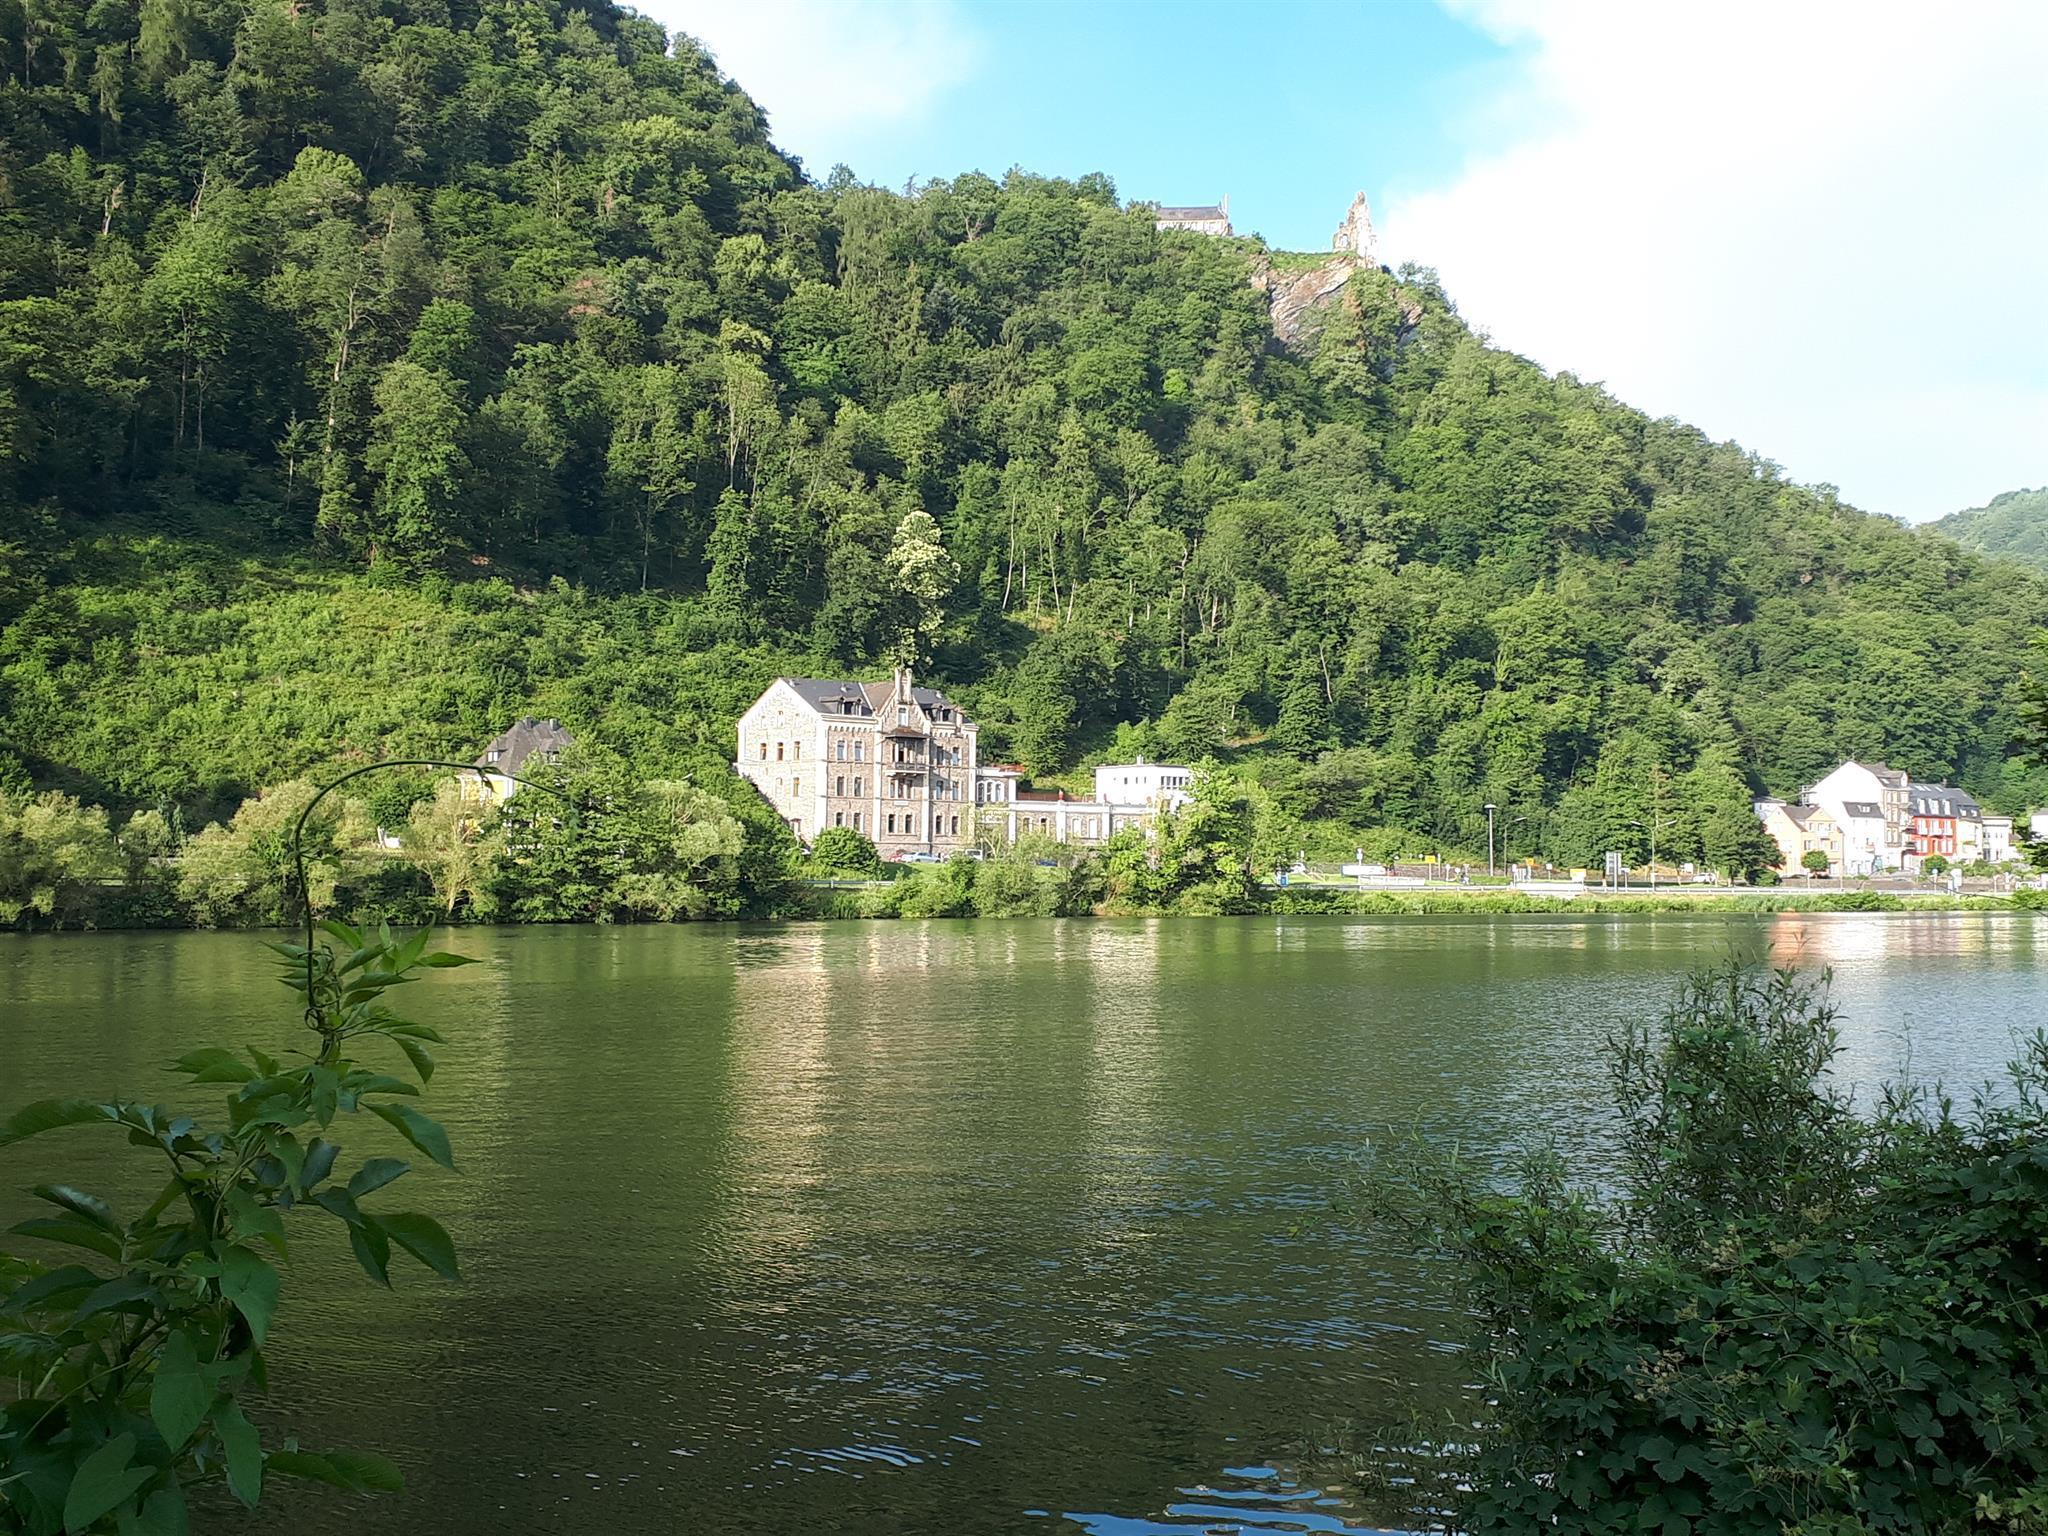 Weingut mit Grevenburg